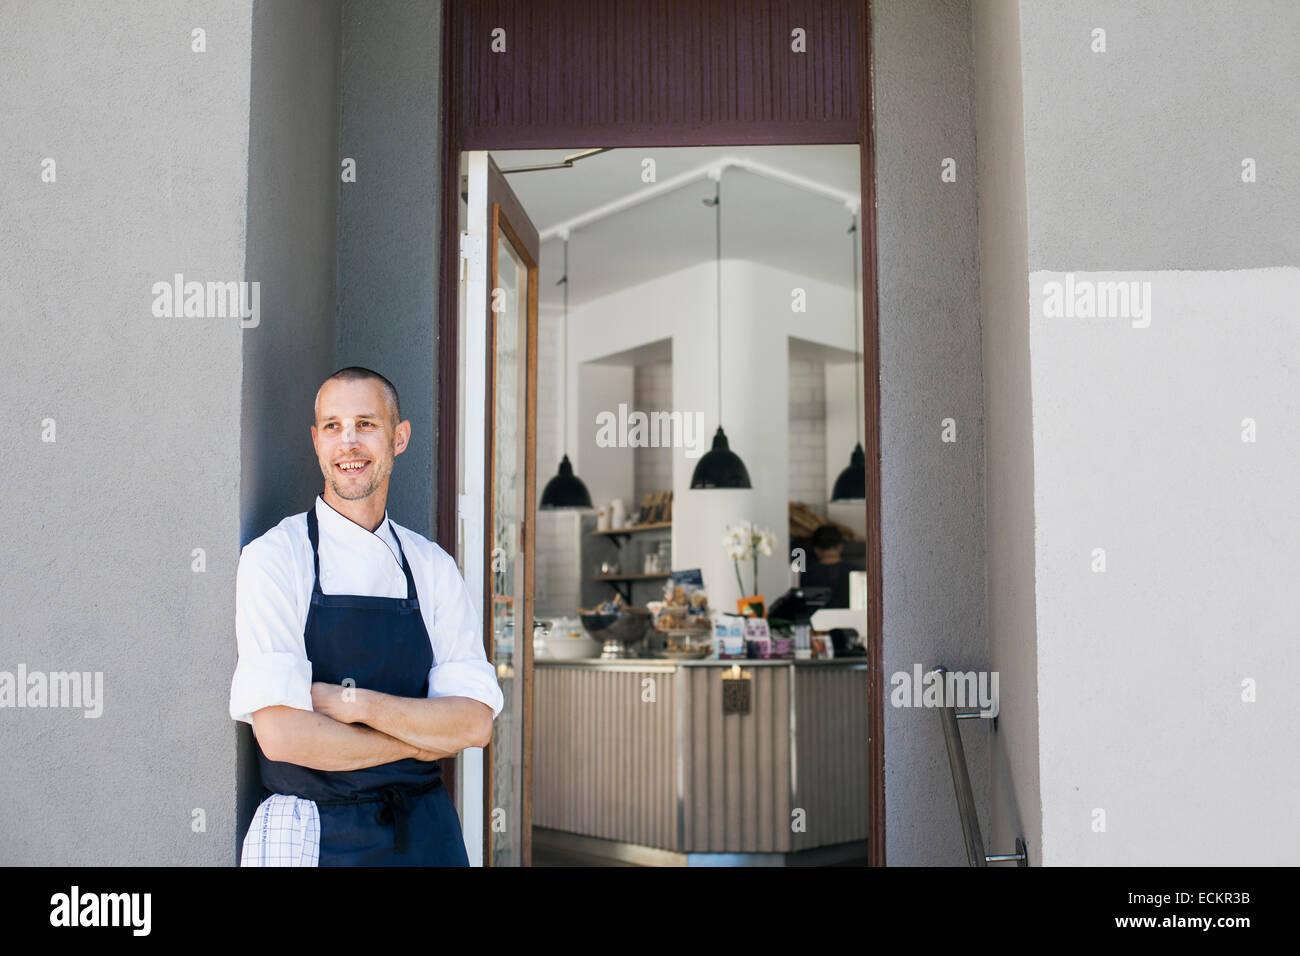 Lächelnd Chef stehend Arme gekreuzt vor kommerziellen Küche Stockbild